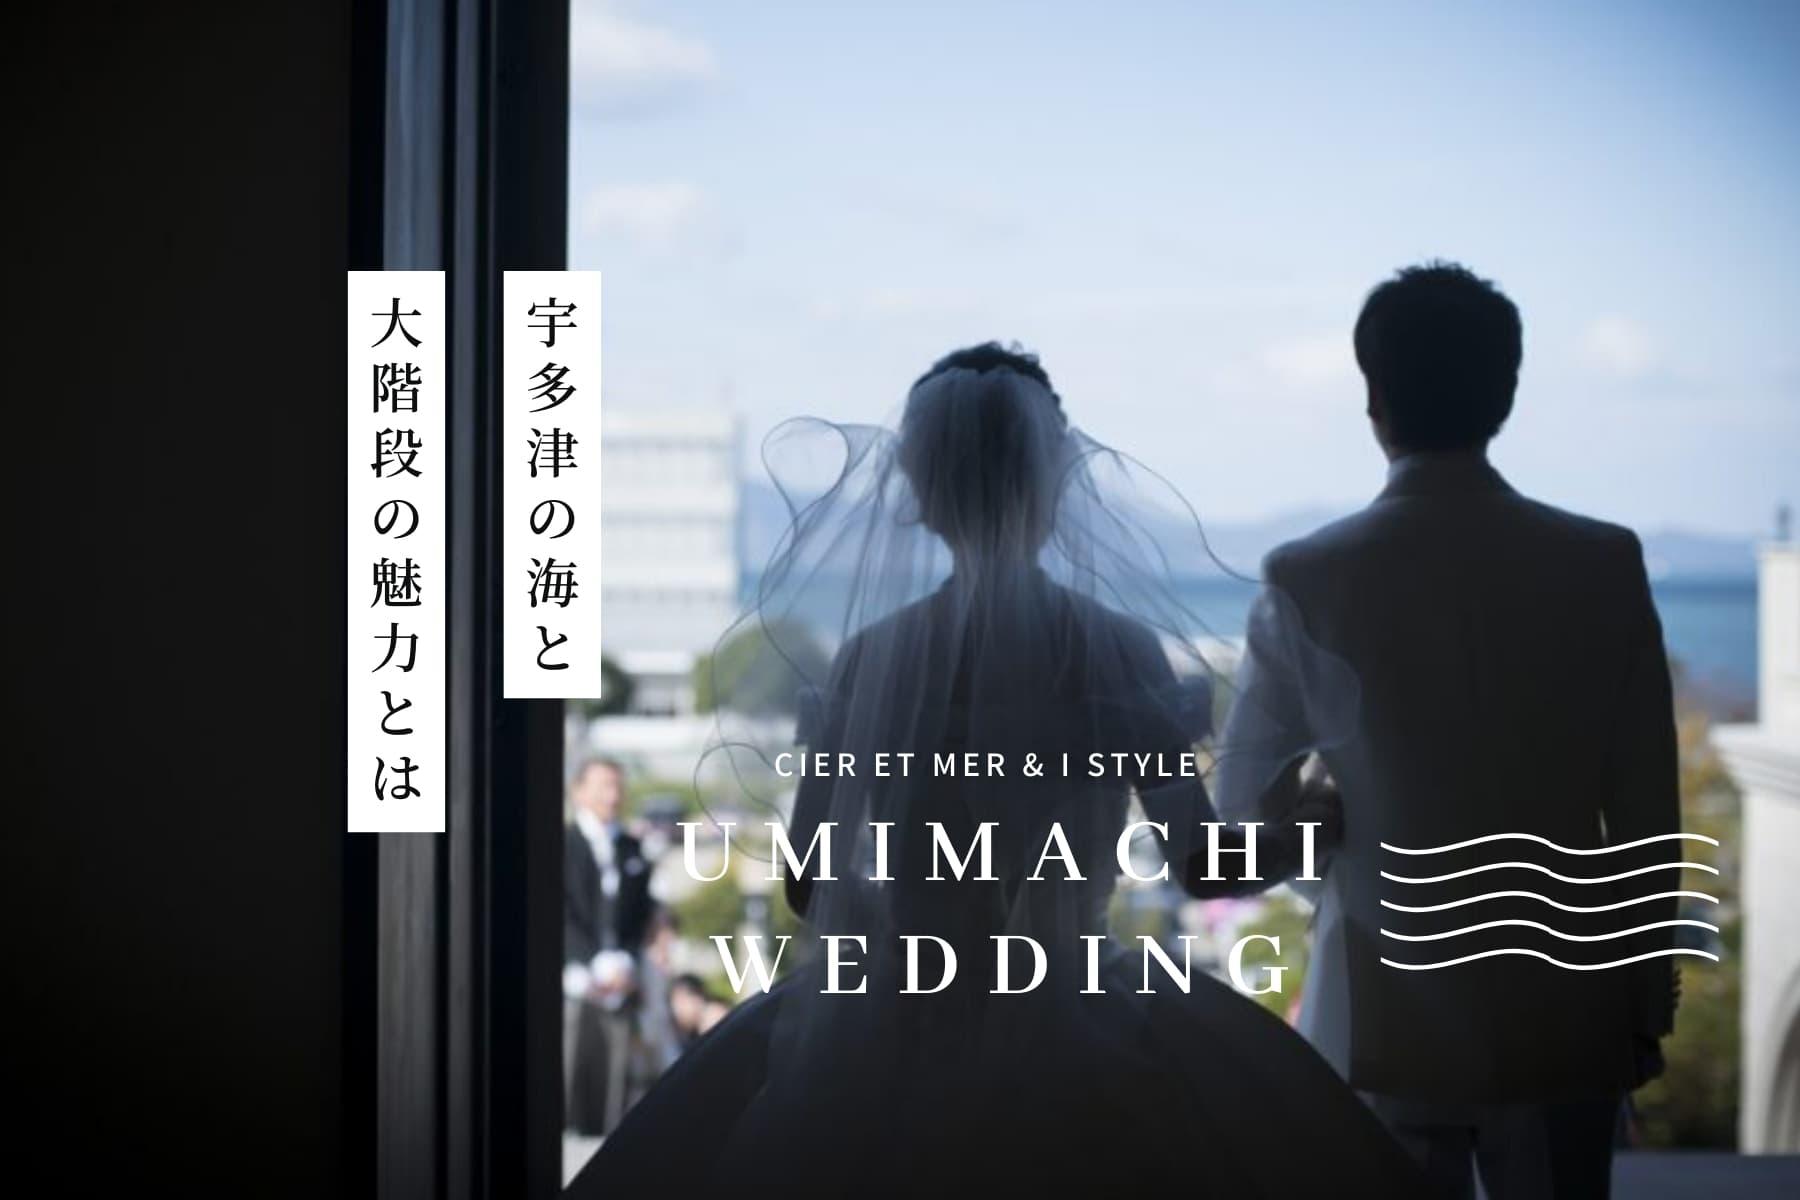 香川県の結婚式場シェルエメール&アイスタイルの宇多津の海と大階段の魅力について